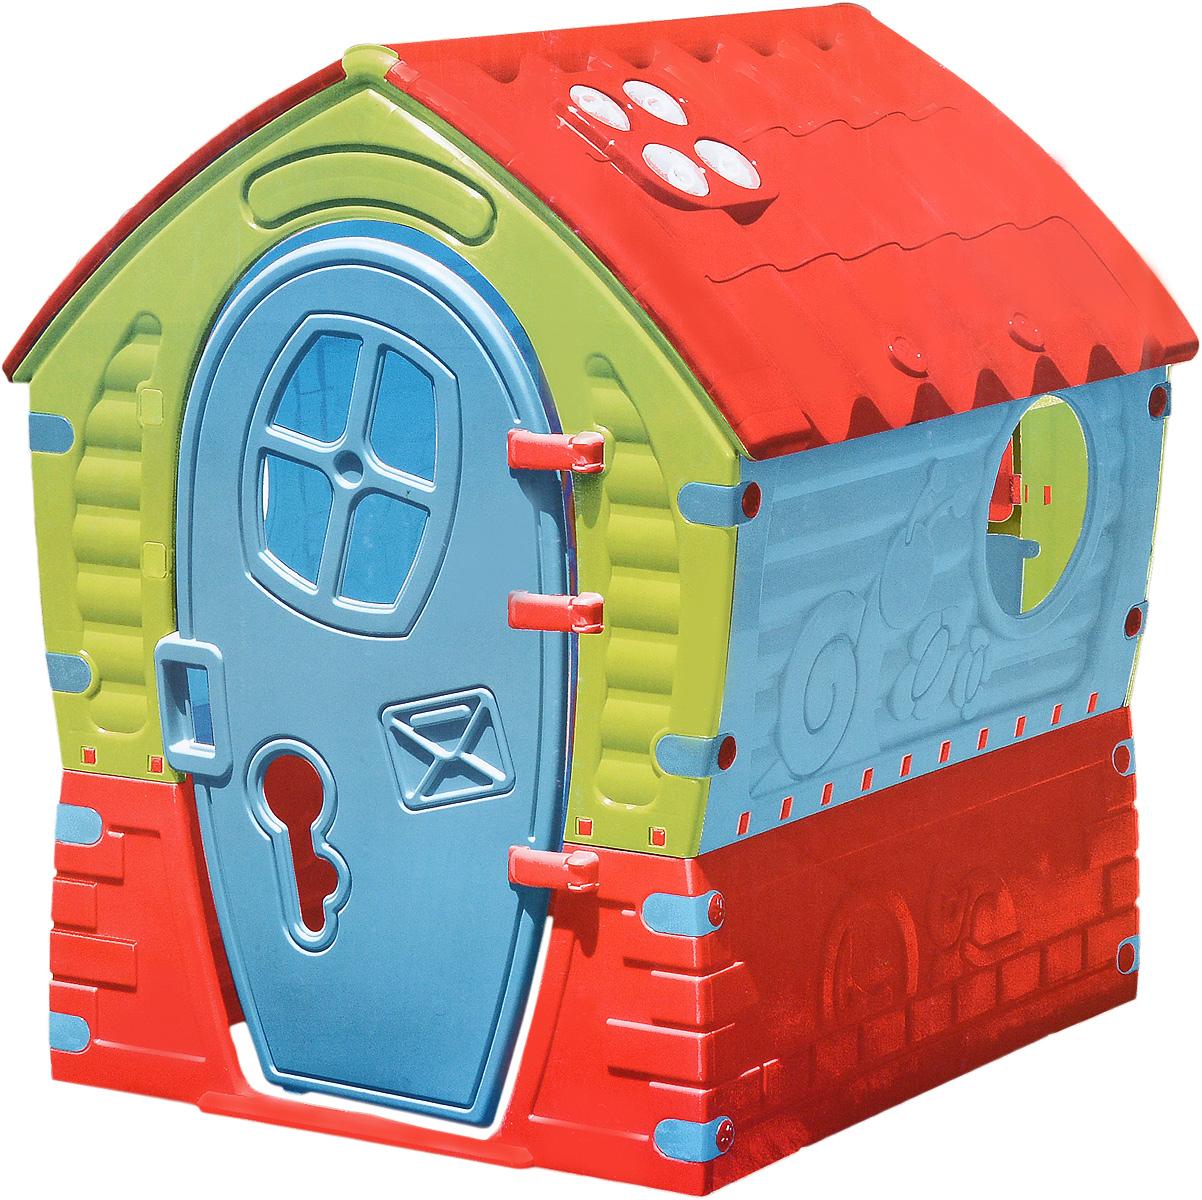 PalPlay Игровой домик Лилипут680Домик PalPlay Лилипут, выполненный в сказочном дизайне, обязательно понравится малышам. В нем можно придумывать свои сказки, развивать фантазию. Домик принесет бесконечные часы радости и веселья. Домик имеет 3 окна разной формы, распашную дверцу, крыша выполнена под черепицу. Домик собирается без использования специального инструмента. Для детей от 2-х лет и весом до 25 кг.